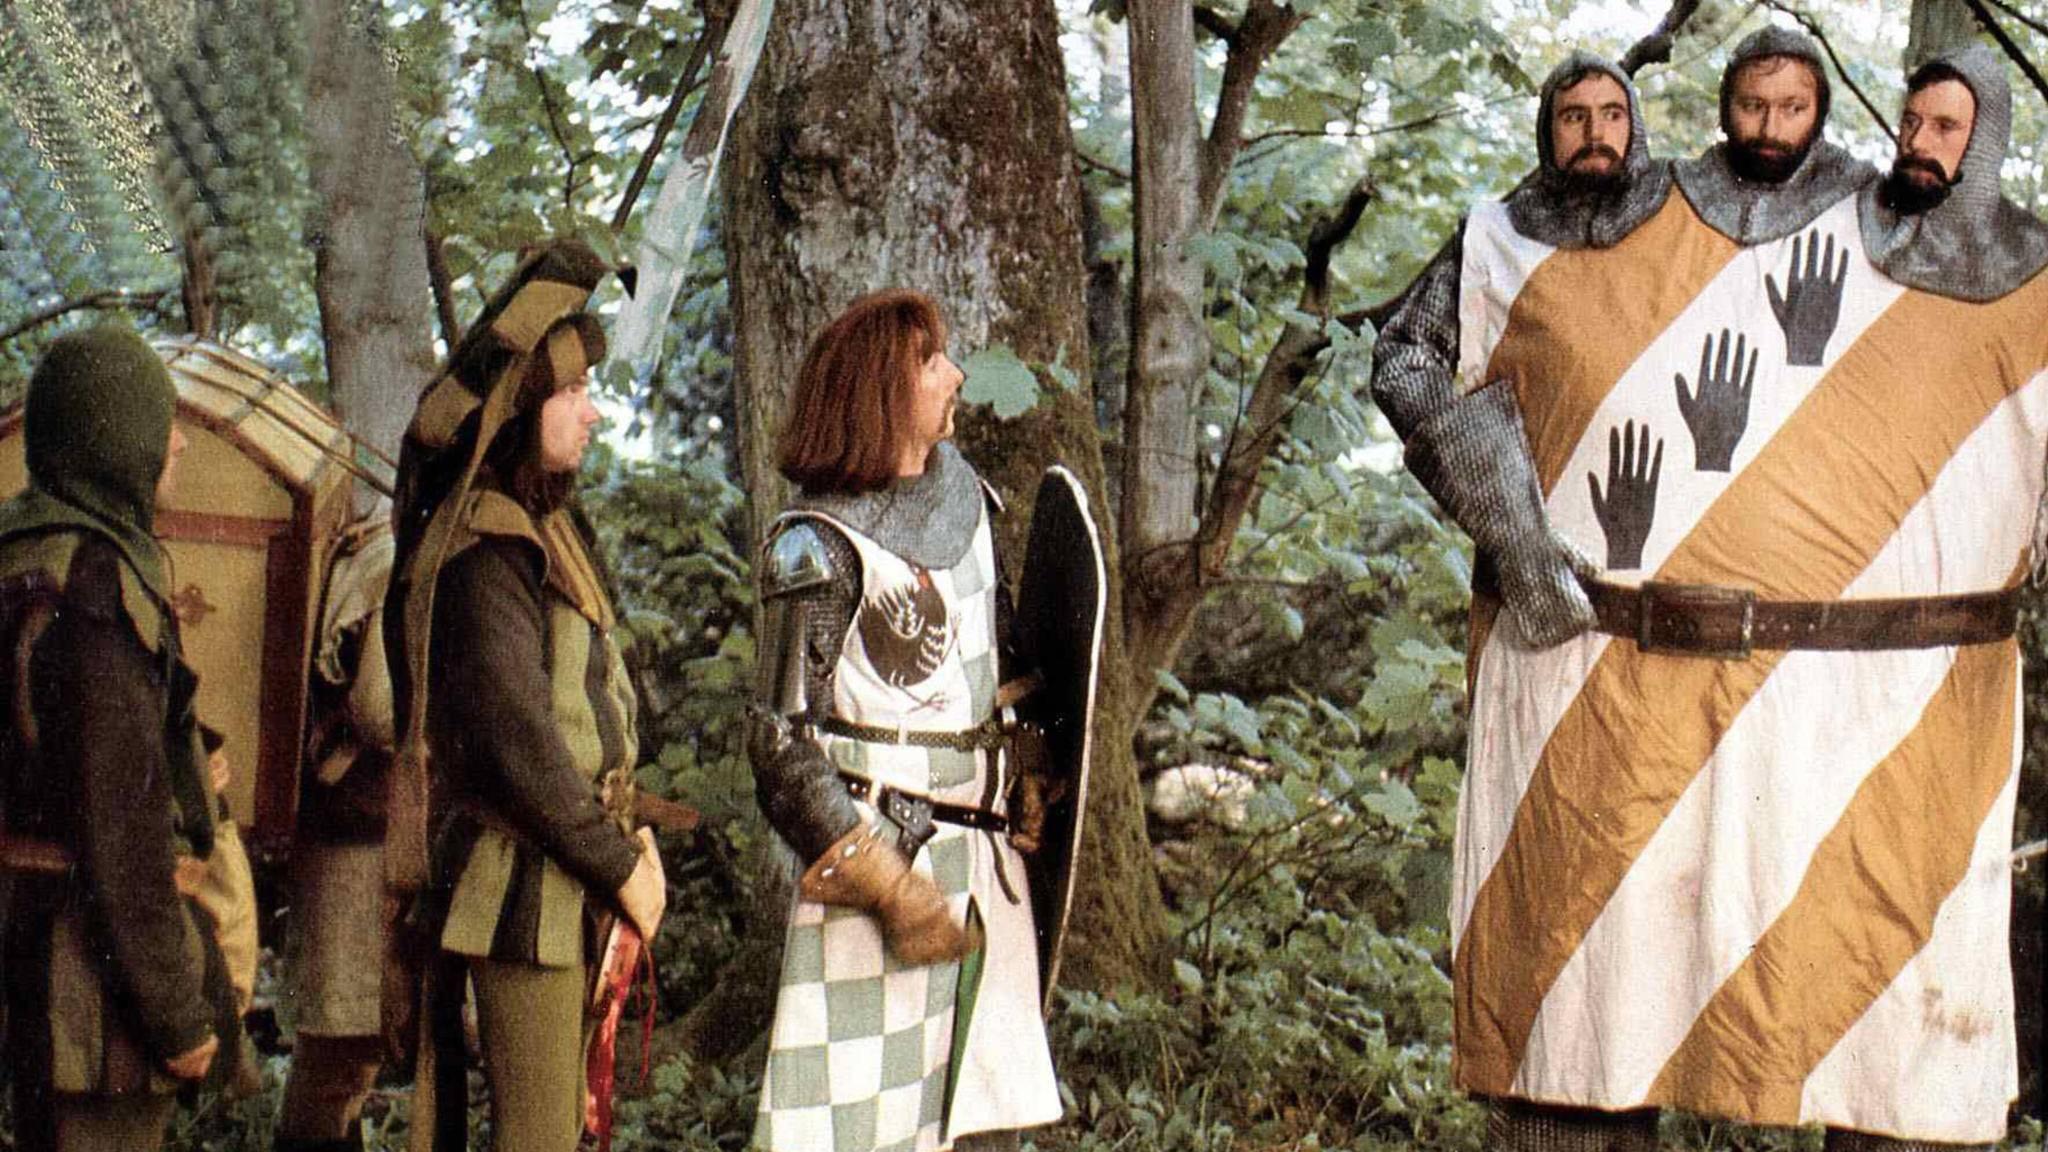 Seltsame Gestalten wie dreiköpfige Ritter gehören auch zu Monty Pythons Filmwelt.